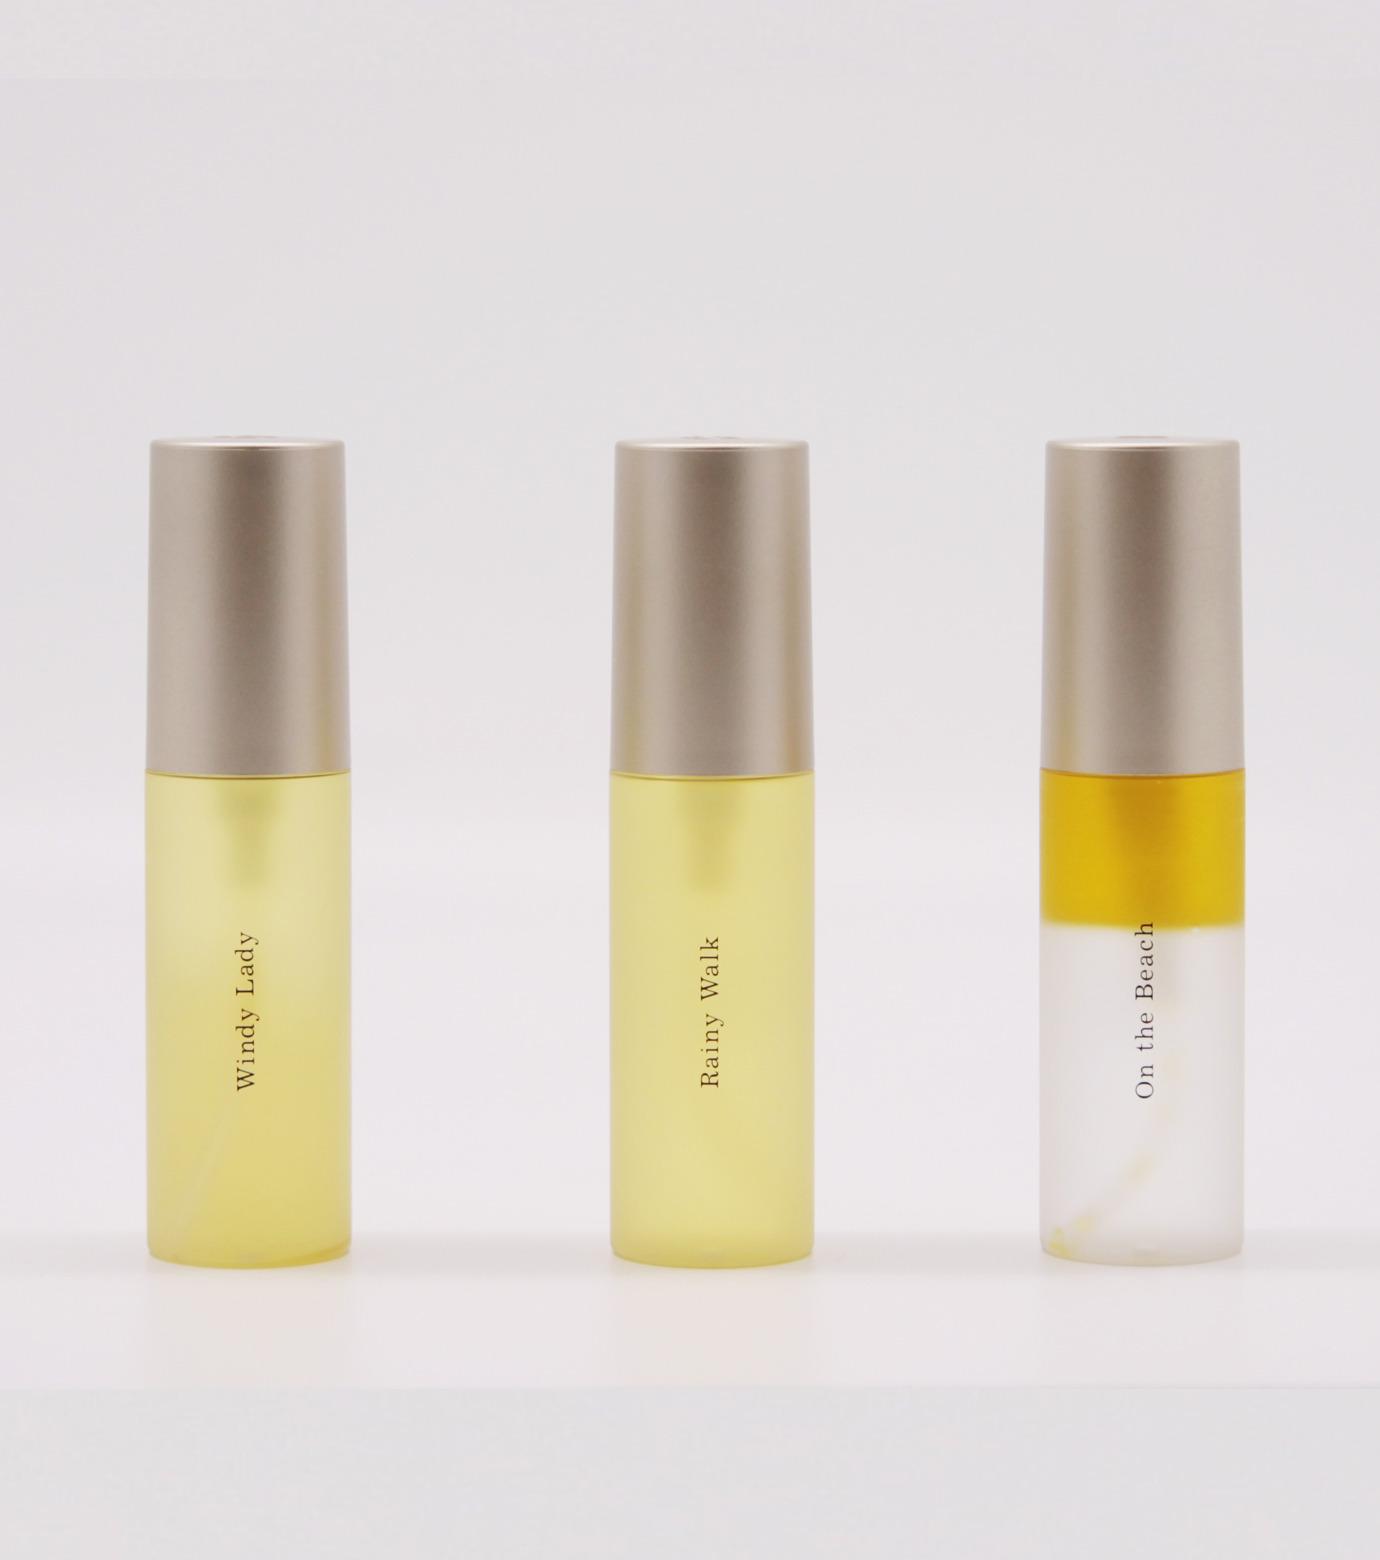 uka(ウカ)のHair oil Mist On the Beach-WHITE(HAIR-CARE/HAIR-CARE)-3000017-4 拡大詳細画像2